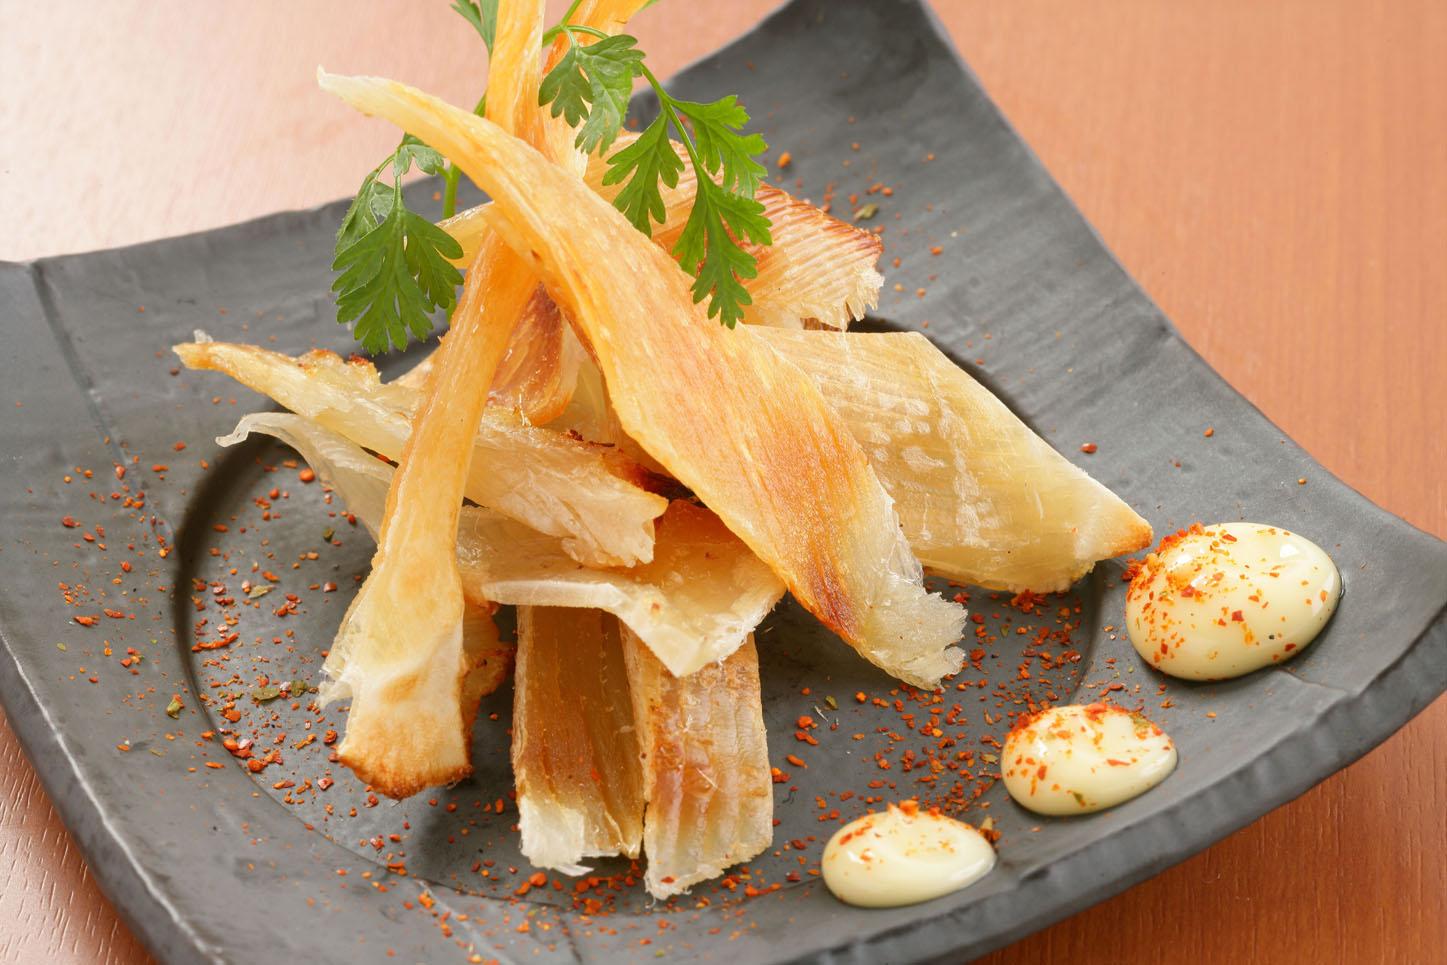 菜单:烤鱼-烧烤鳐鱼翅(鱏鰭)